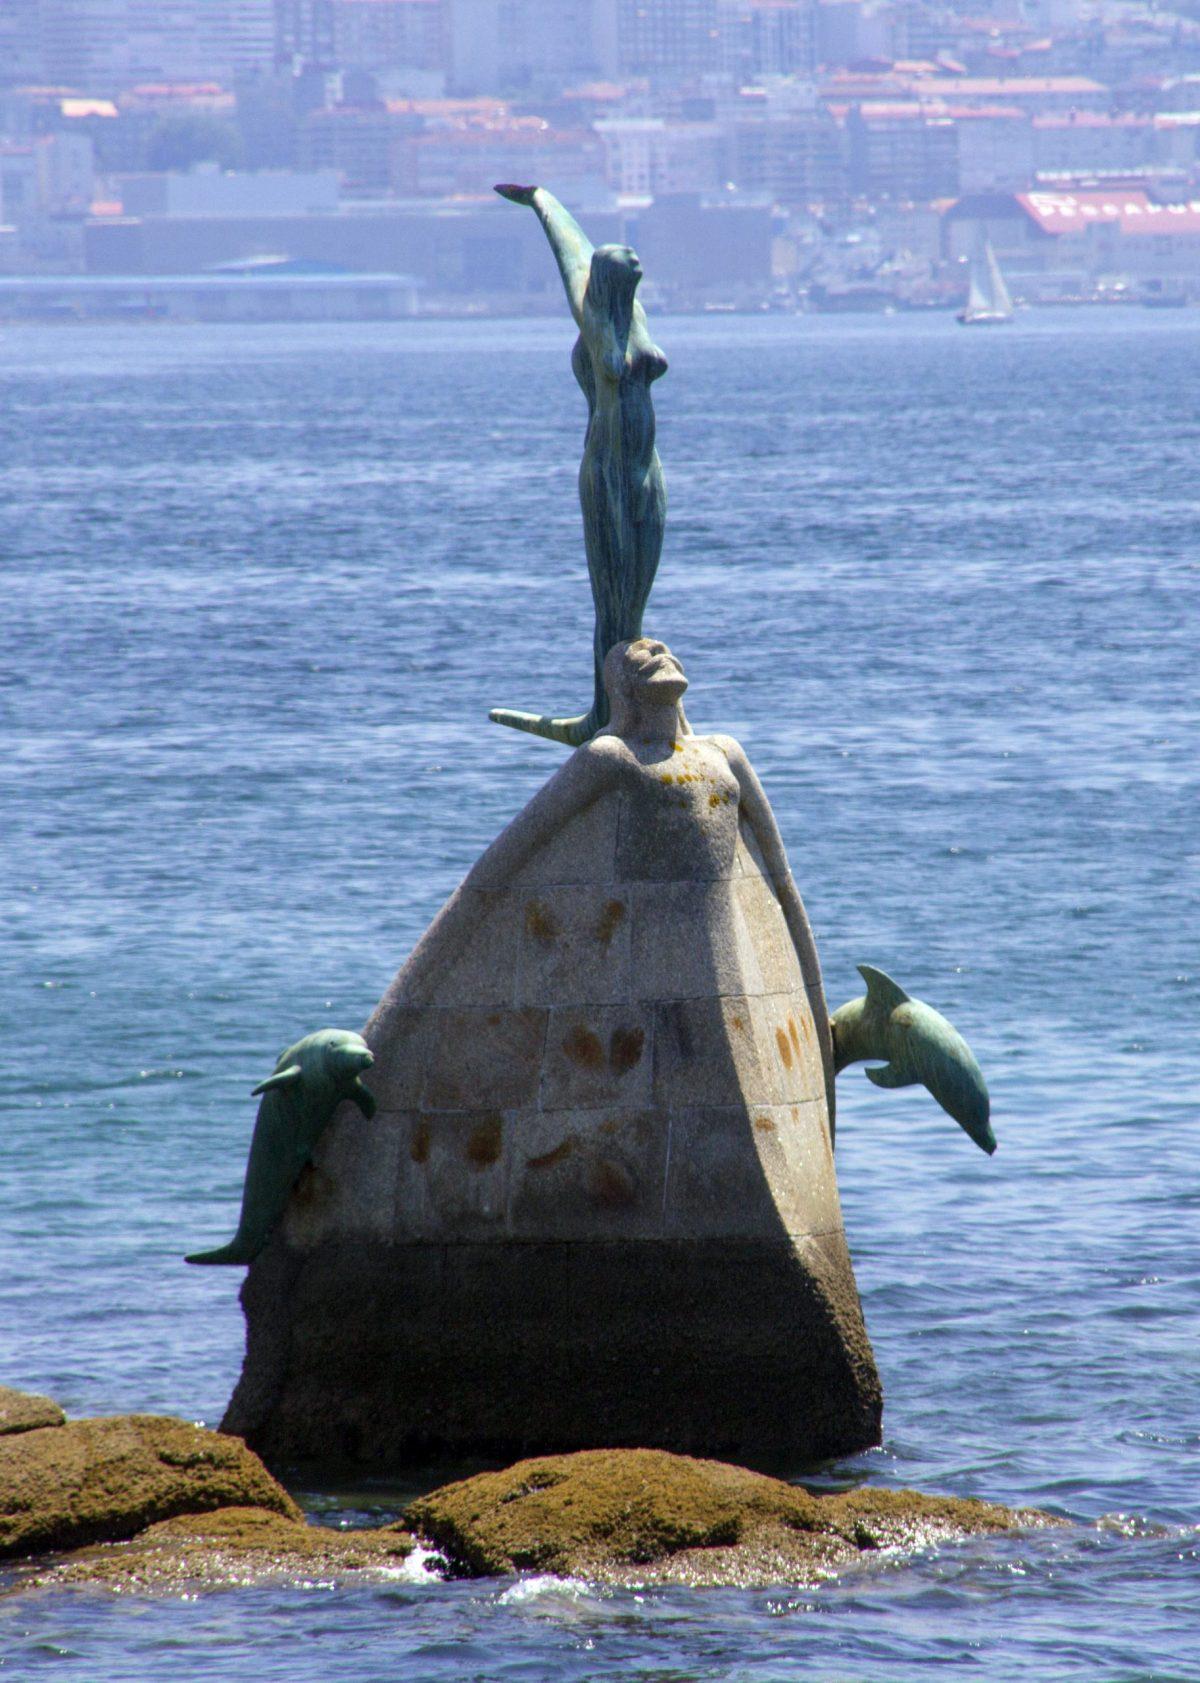 La Sirenita de Cangas